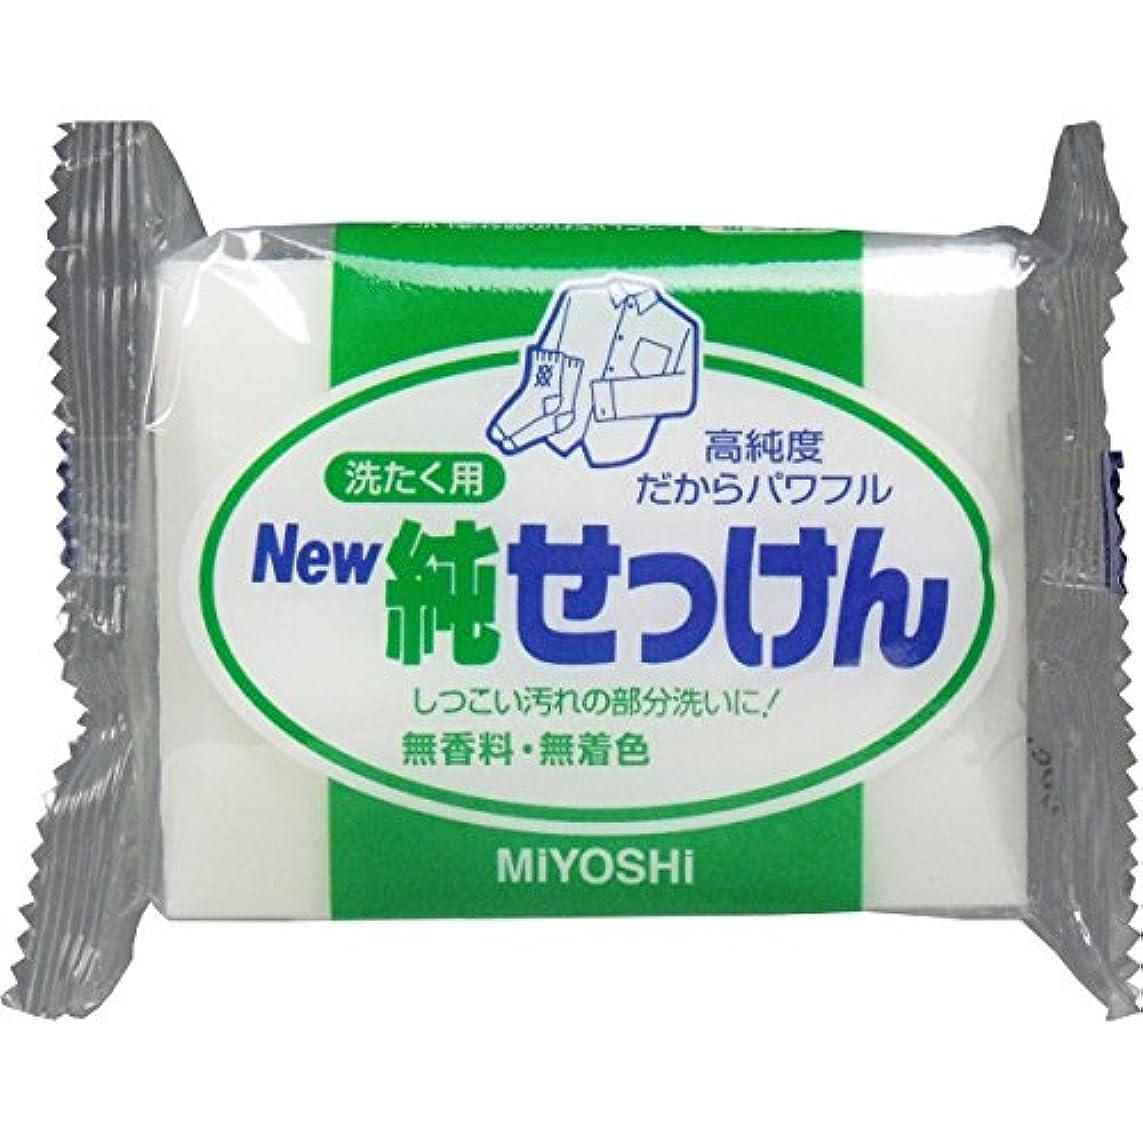 トランク香ばしいパン屋ニュー純せっけん [ヘルスケア&ケア用品]